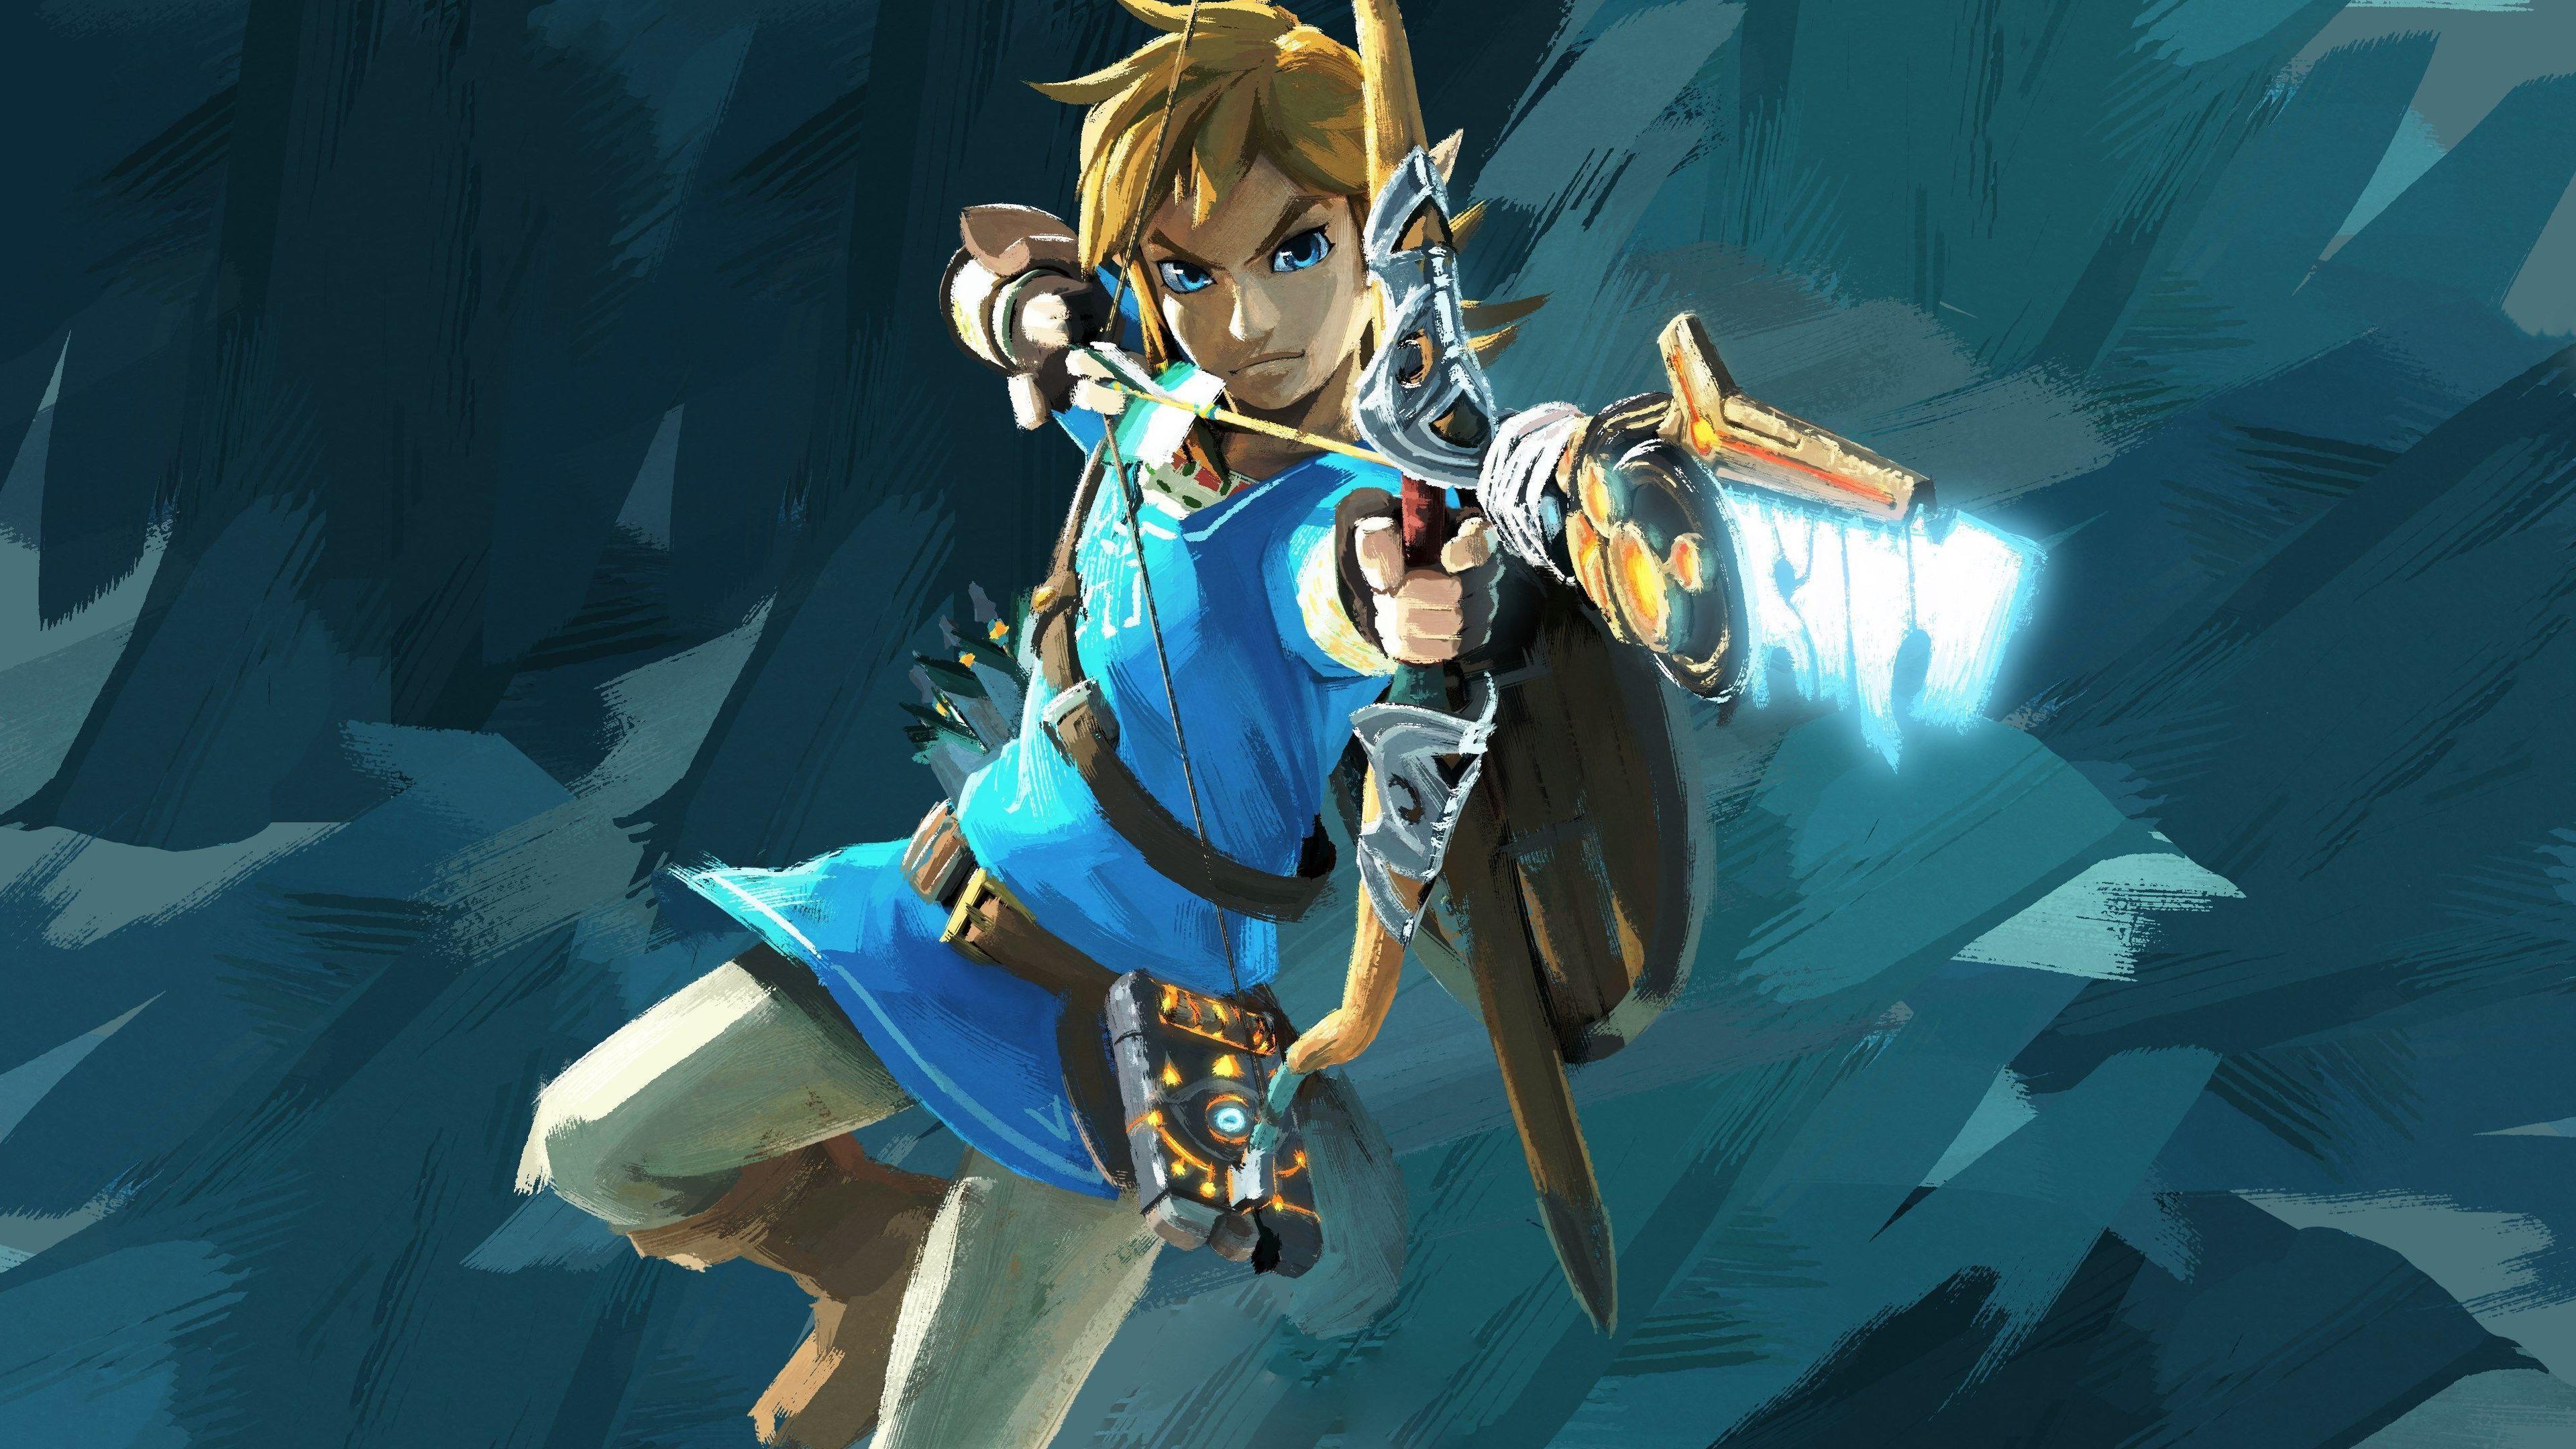 Princess Zelda Wallpapers Top Free Princess Zelda